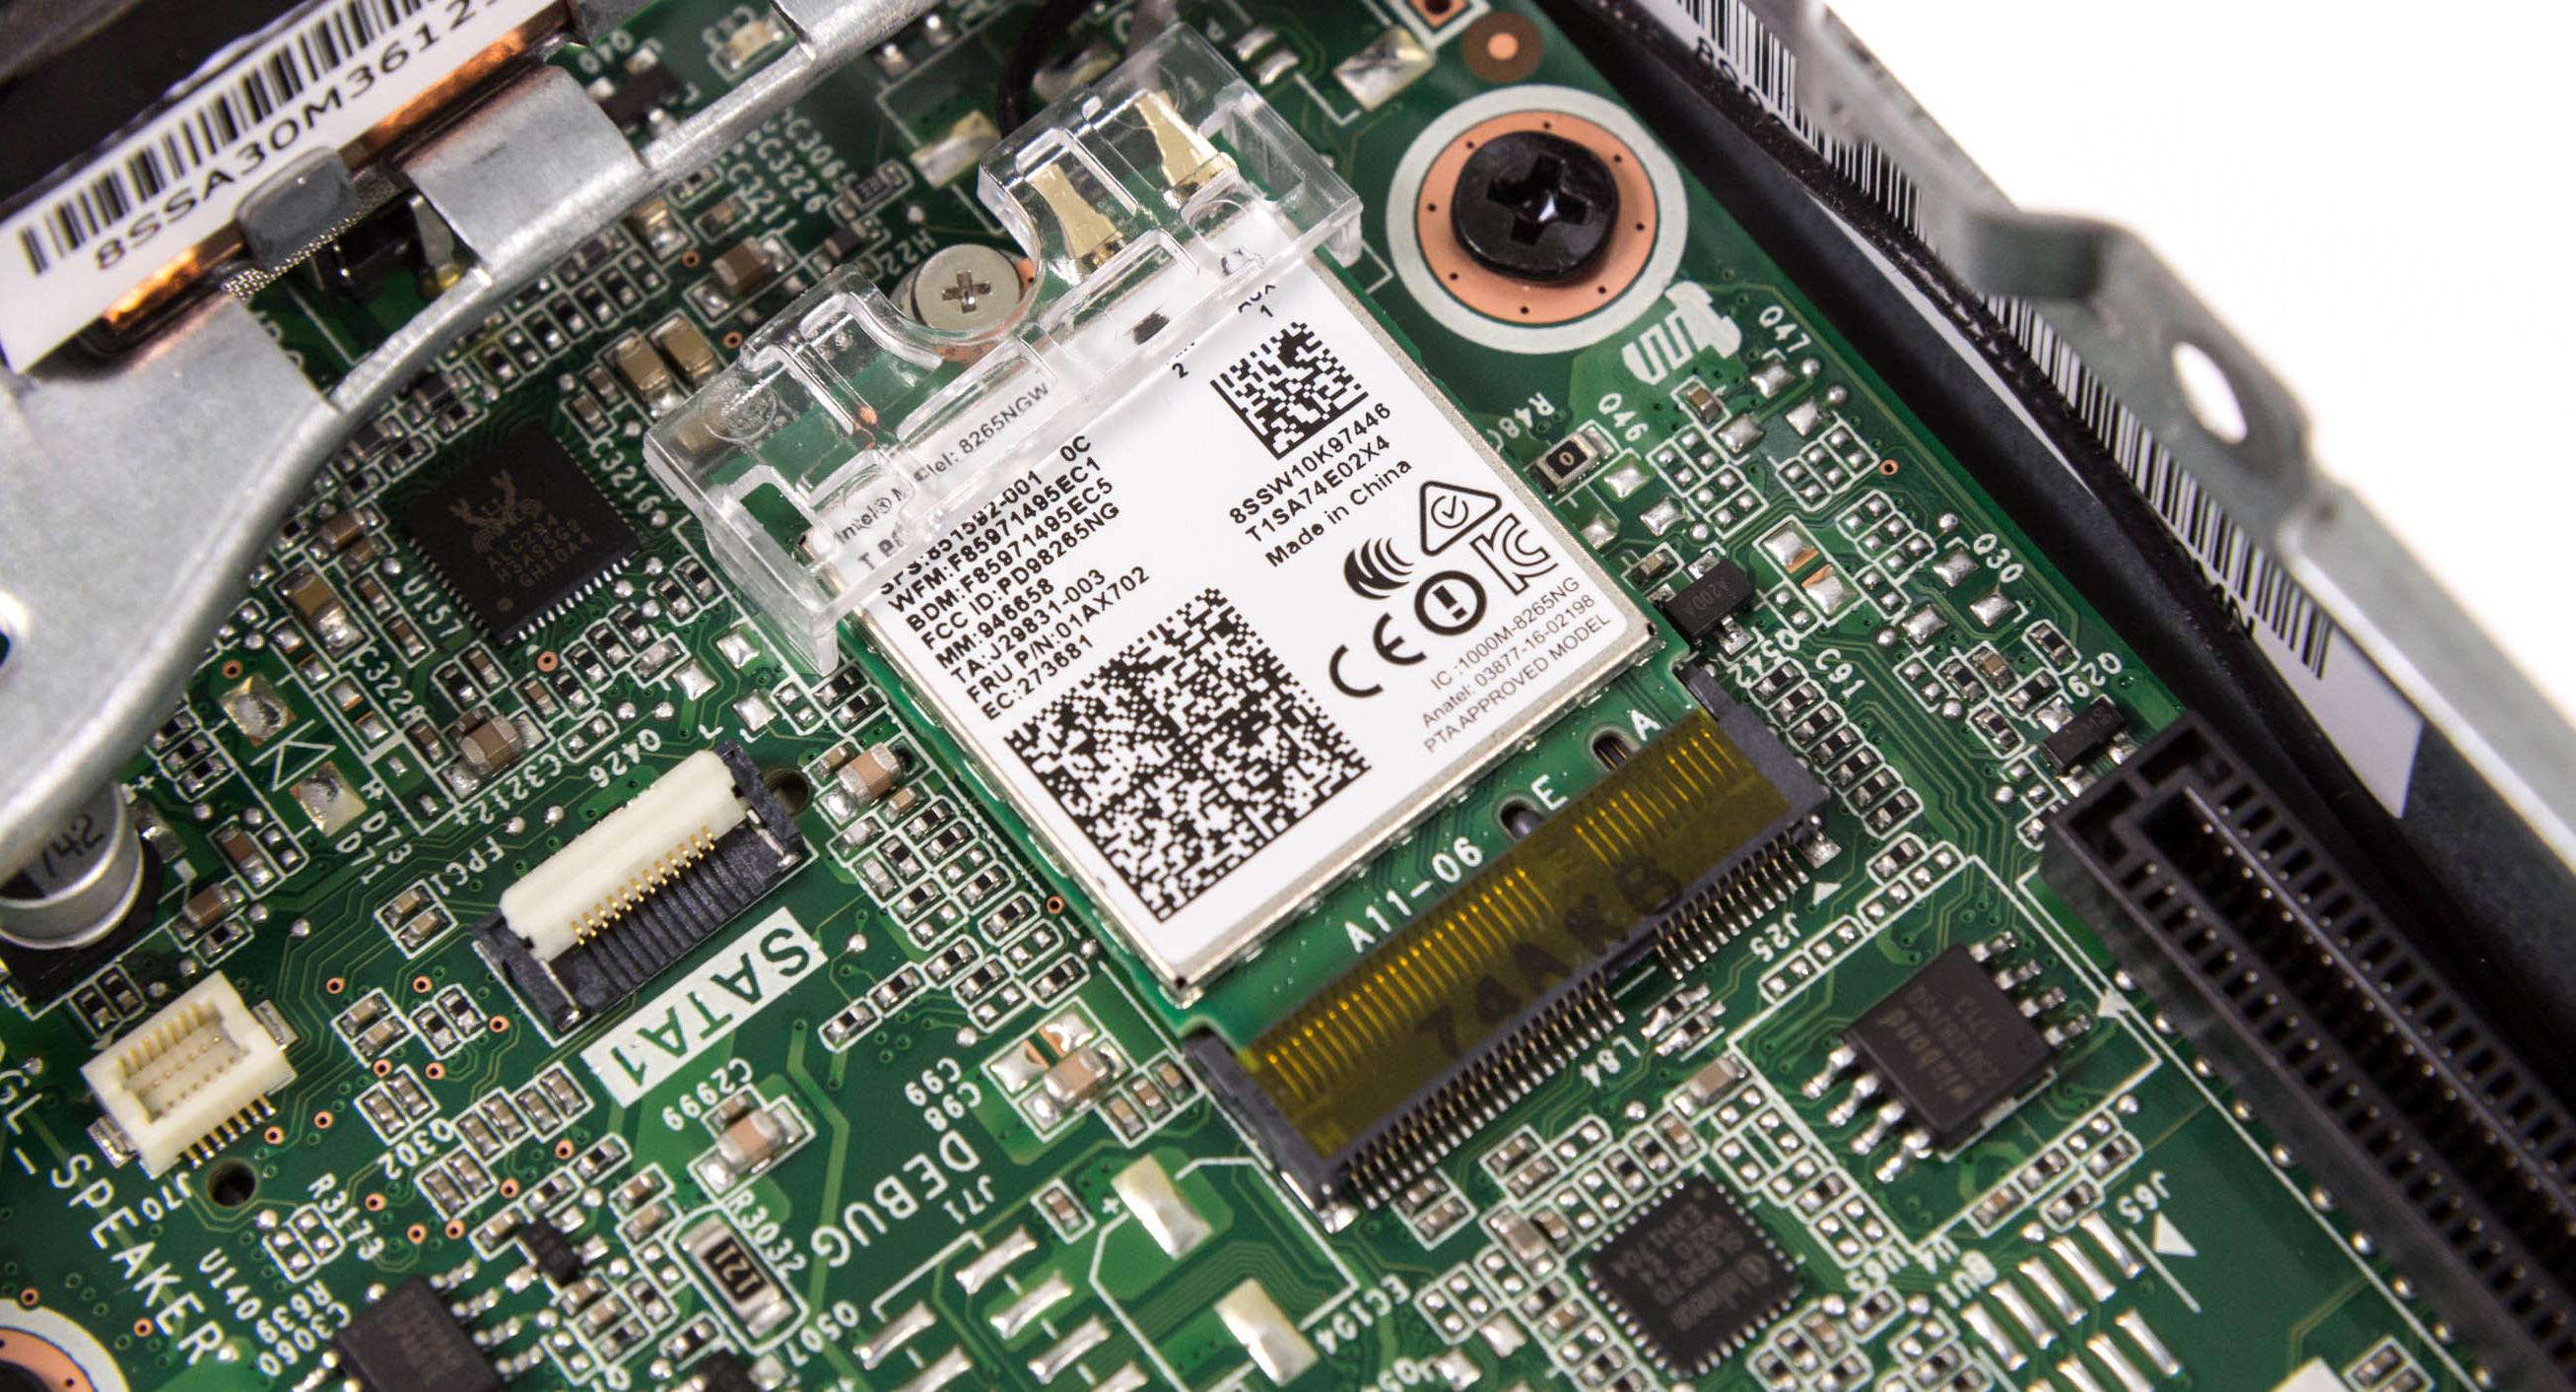 Lenovo Thinkstation P320 Tiny im Test: Viel Leistung in der Zigarrenschachtel - Die WLAN-Karte von Intel kann auch Bluetooth. (Bild: Martin Wolf/Golem.de)